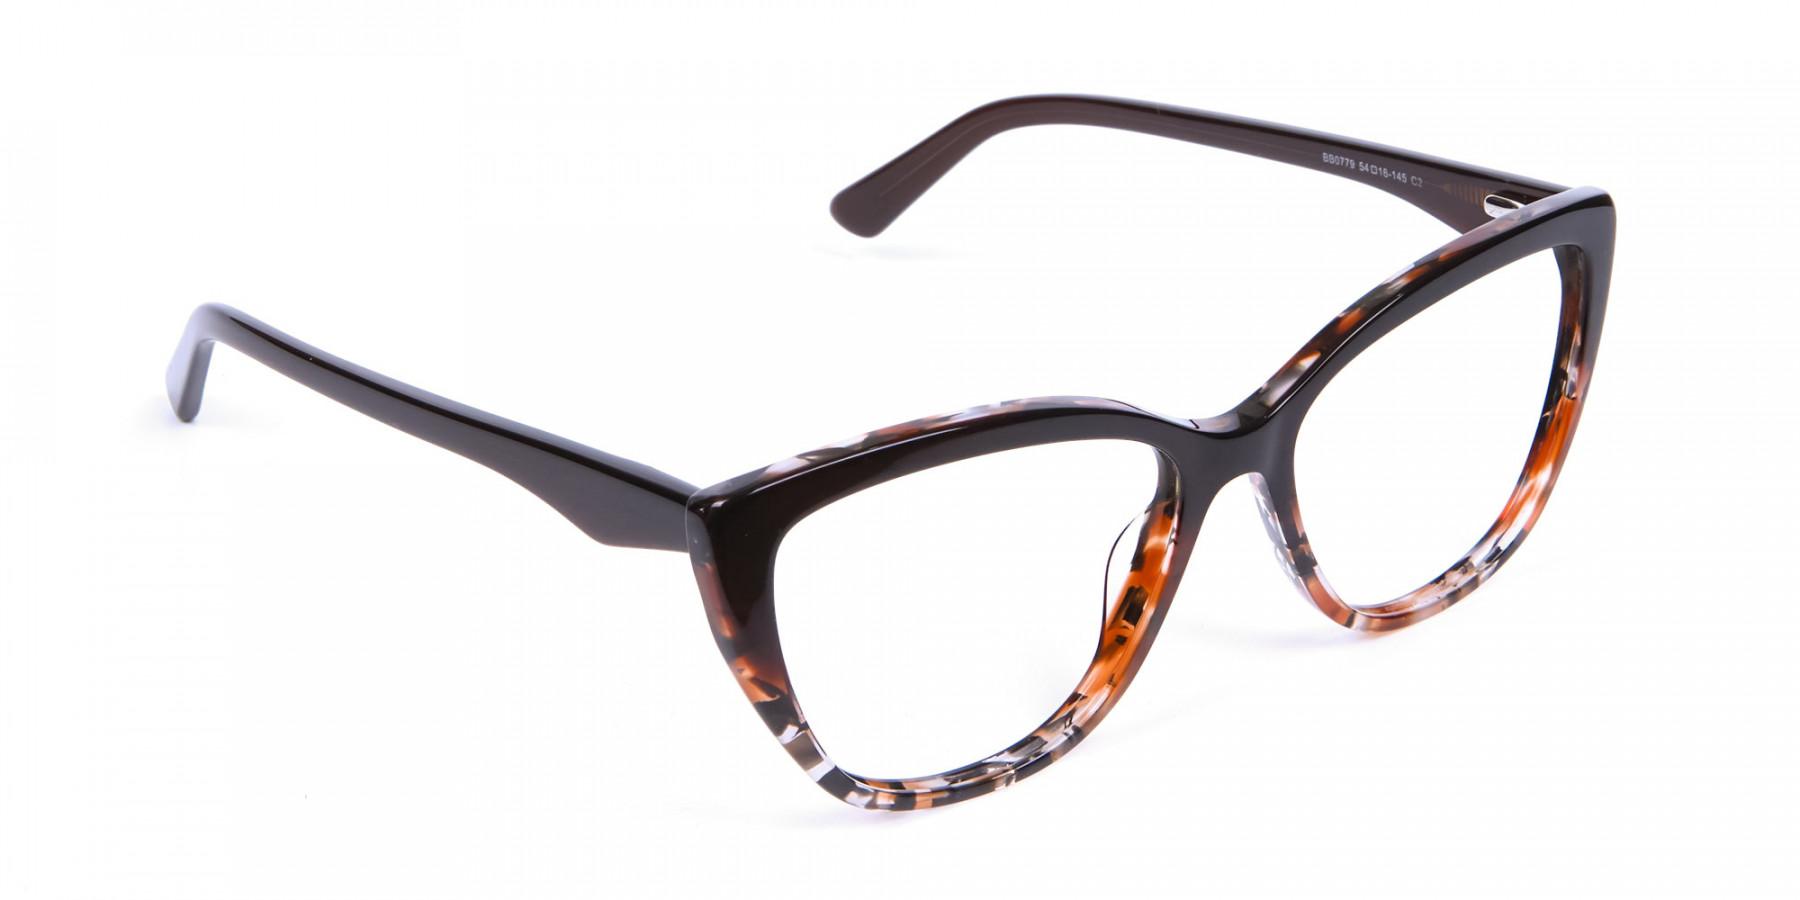 Brown Tortoiseshell Cat Eye Glasses for Women